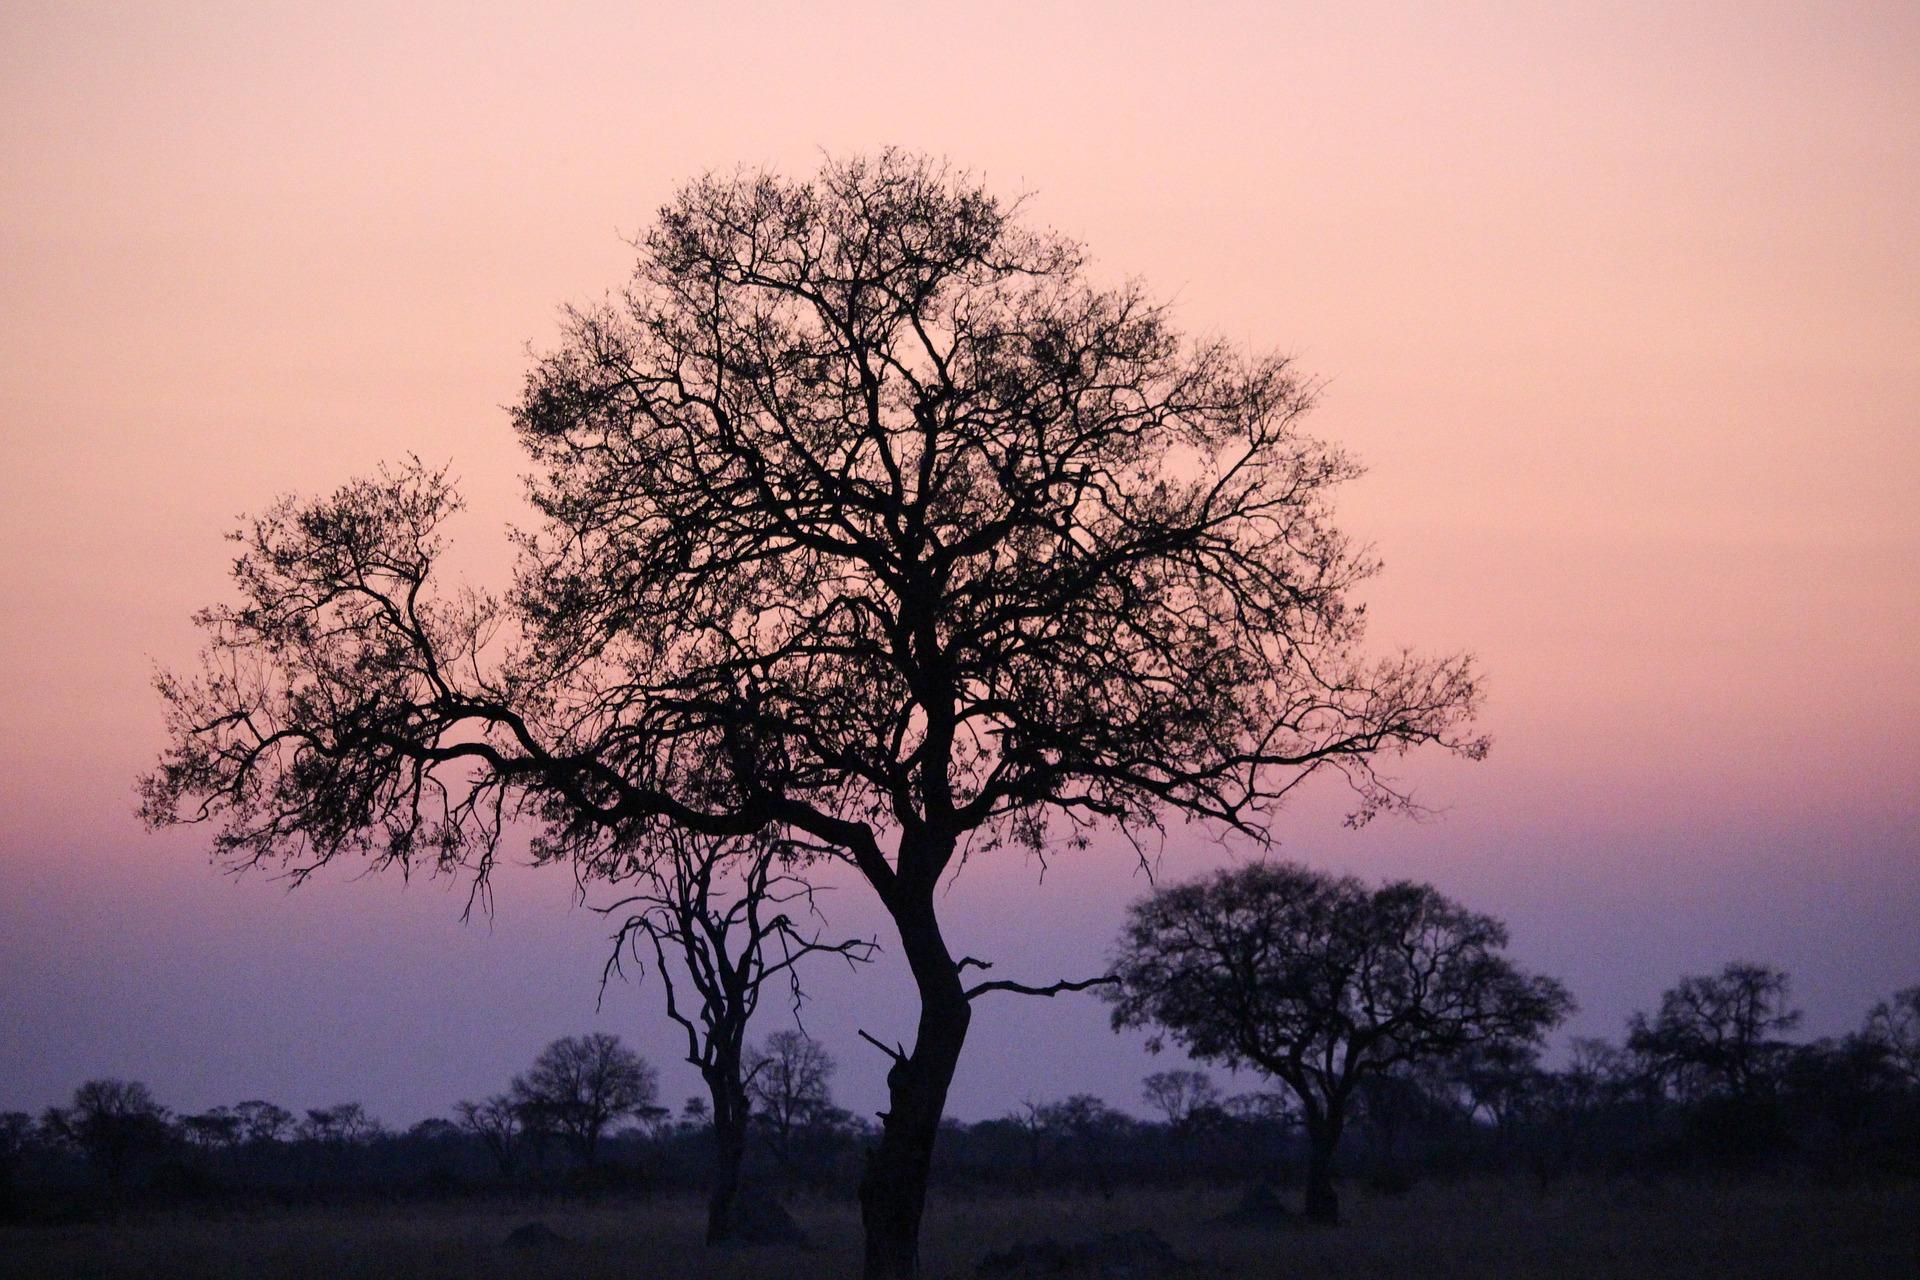 Siluett av ett träd i solnedgång med en blårosa himmel